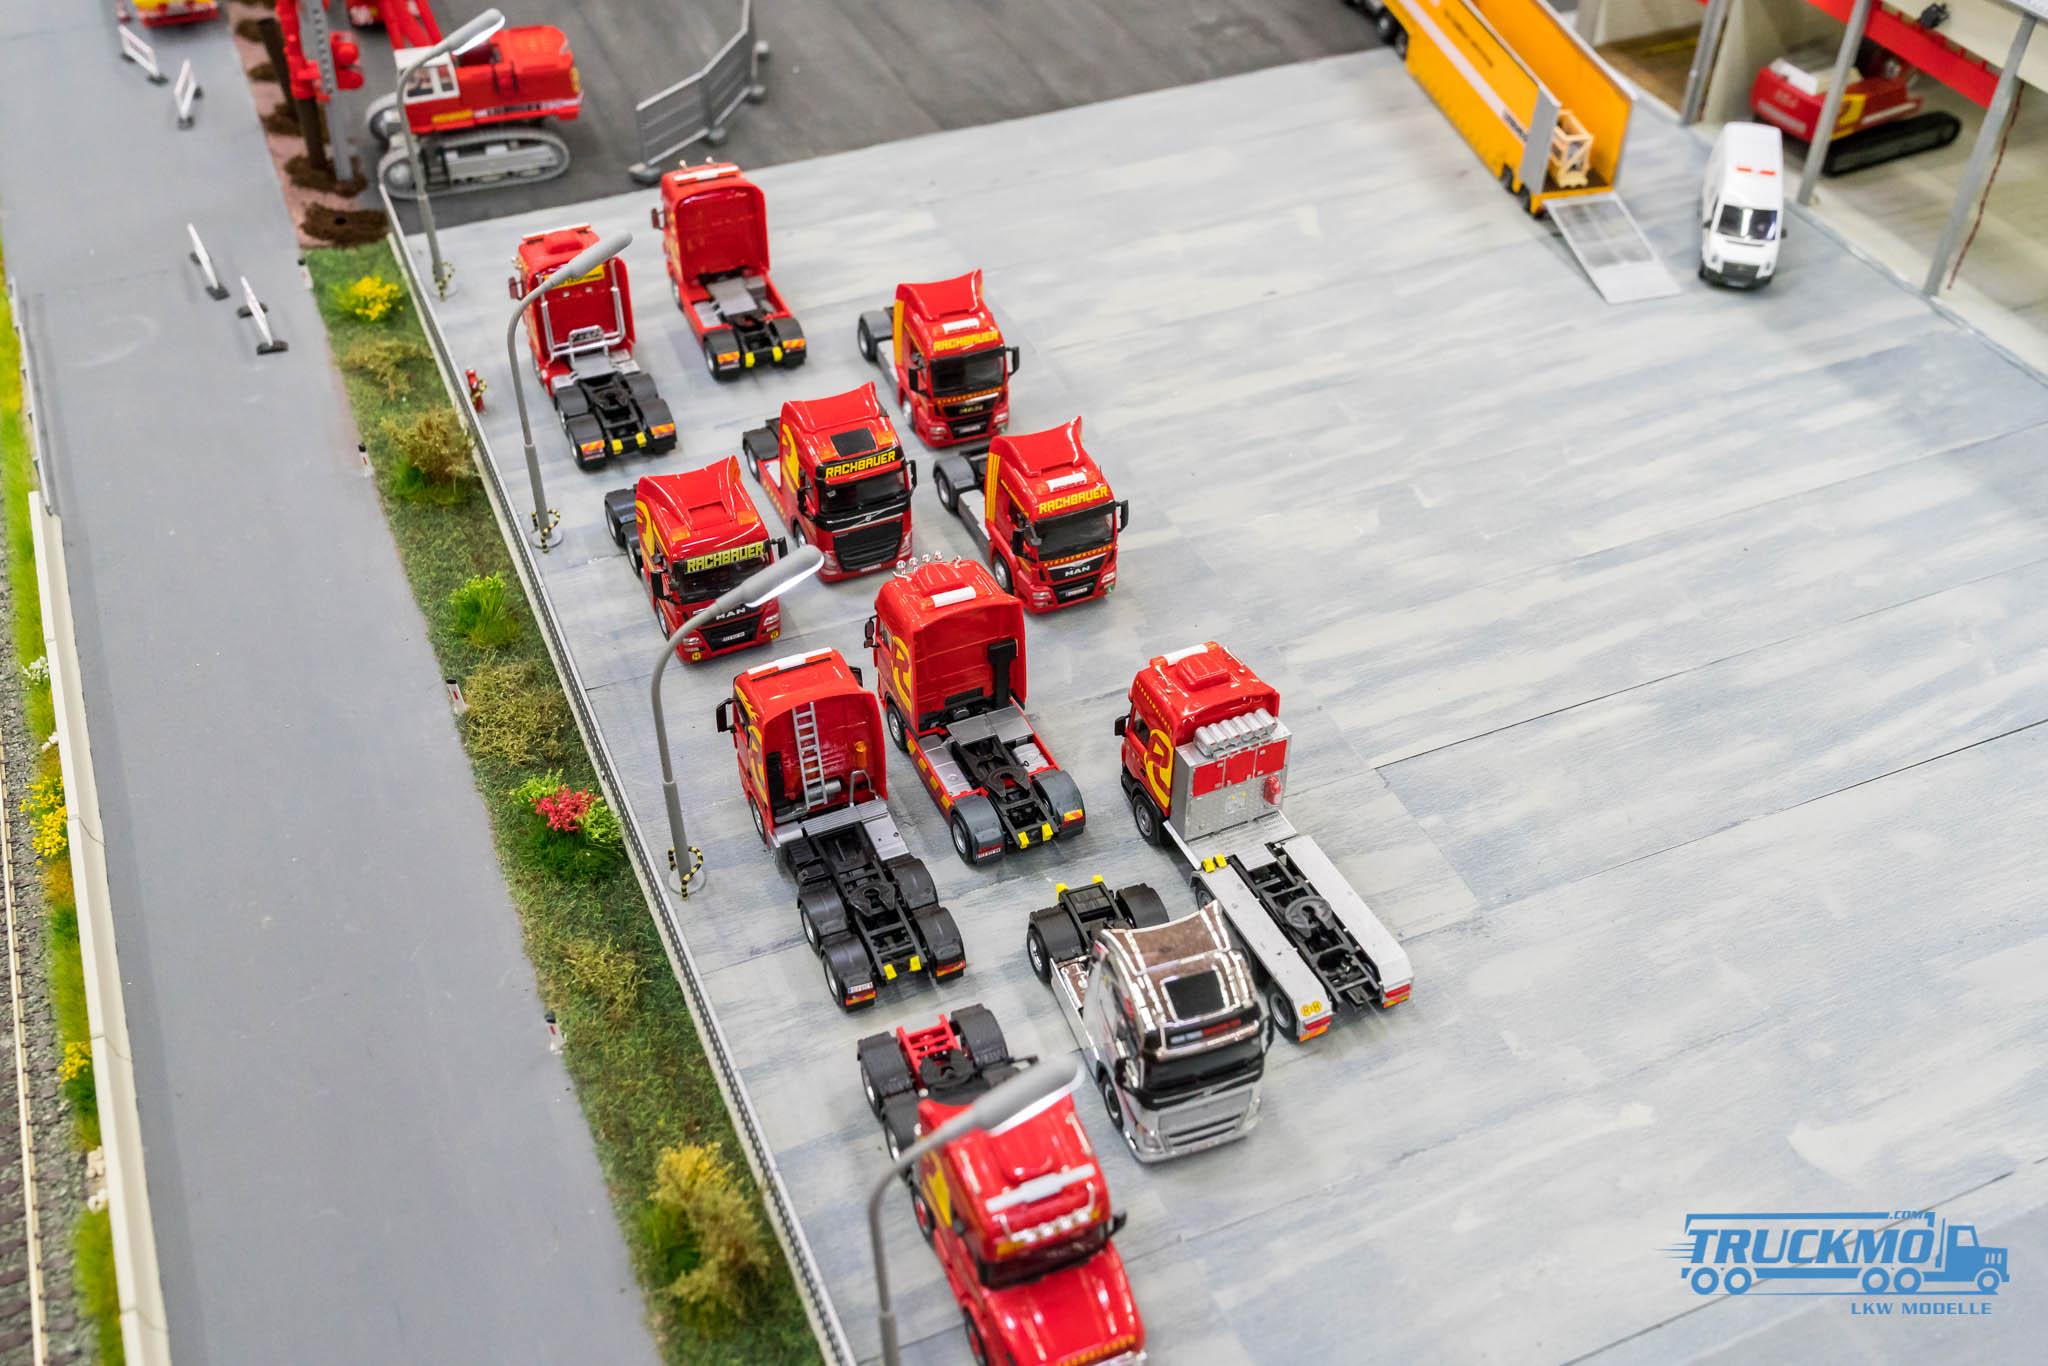 Truckmo_Modellbau_Ried_2017_Herpa_Messe_Modellbauausstellung (250 von 1177)